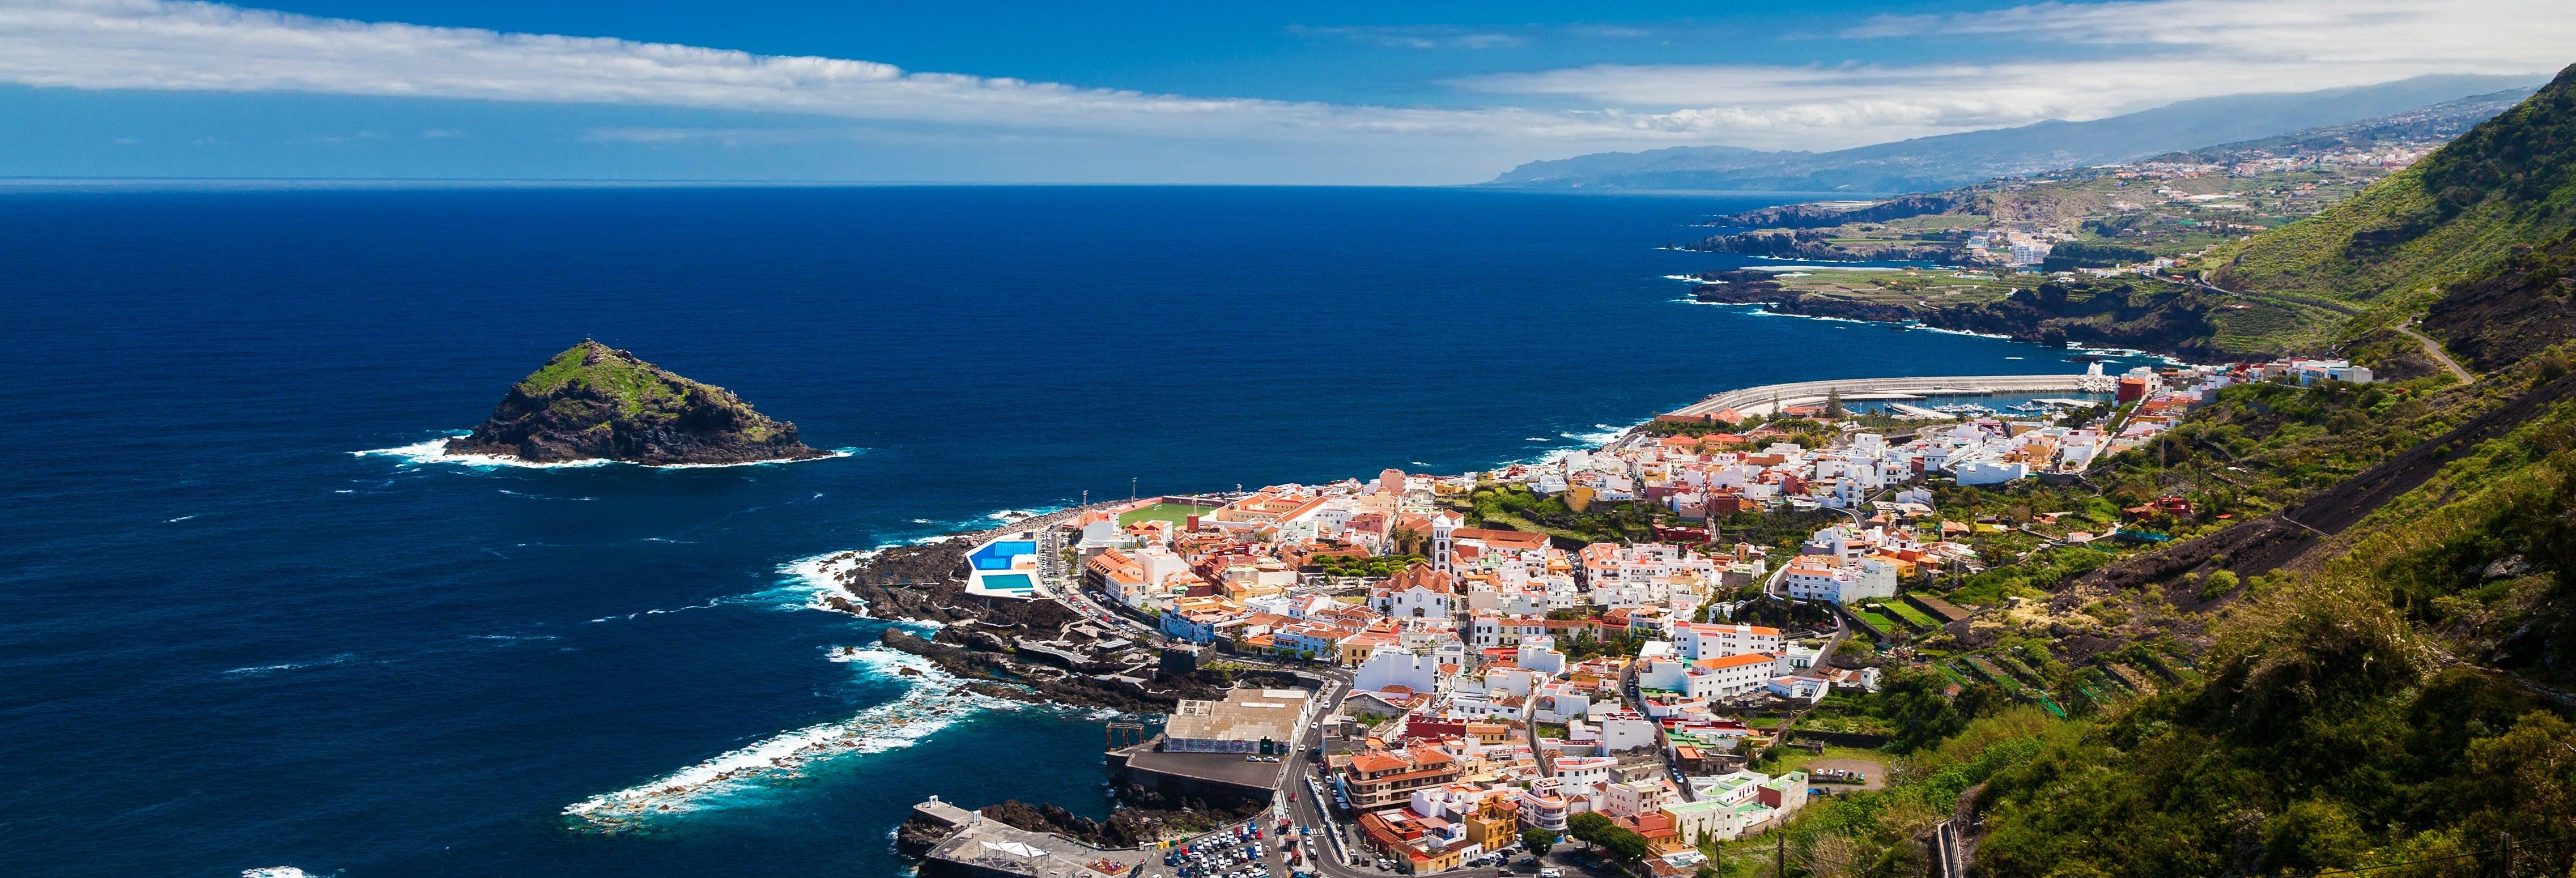 Excursión al Teide, Icod y Garachico desde el norte de Tenerife